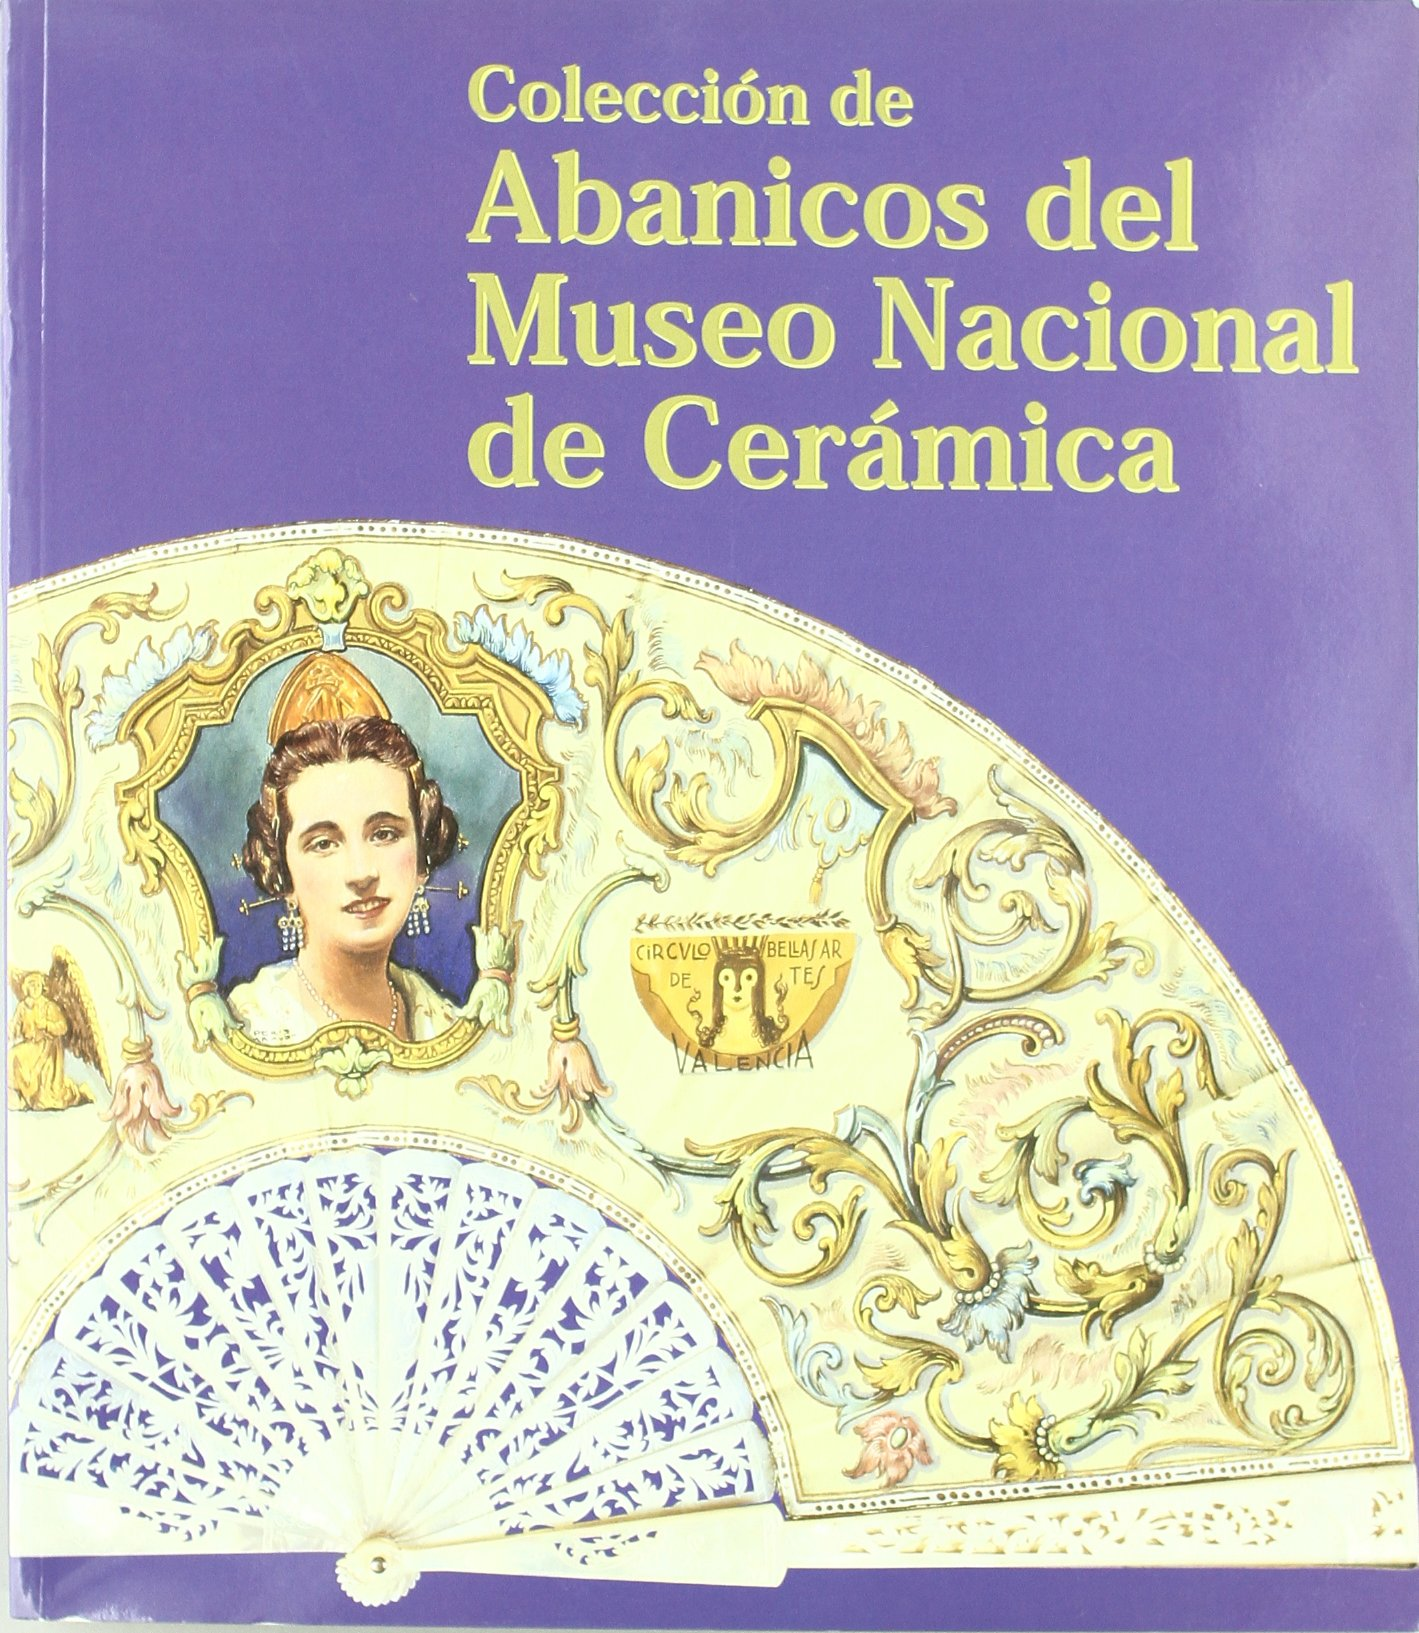 Abanicos del Museo Nacional de Cerámica: Amazon.es: España. Subdirección General de Museos Estatales: Libros